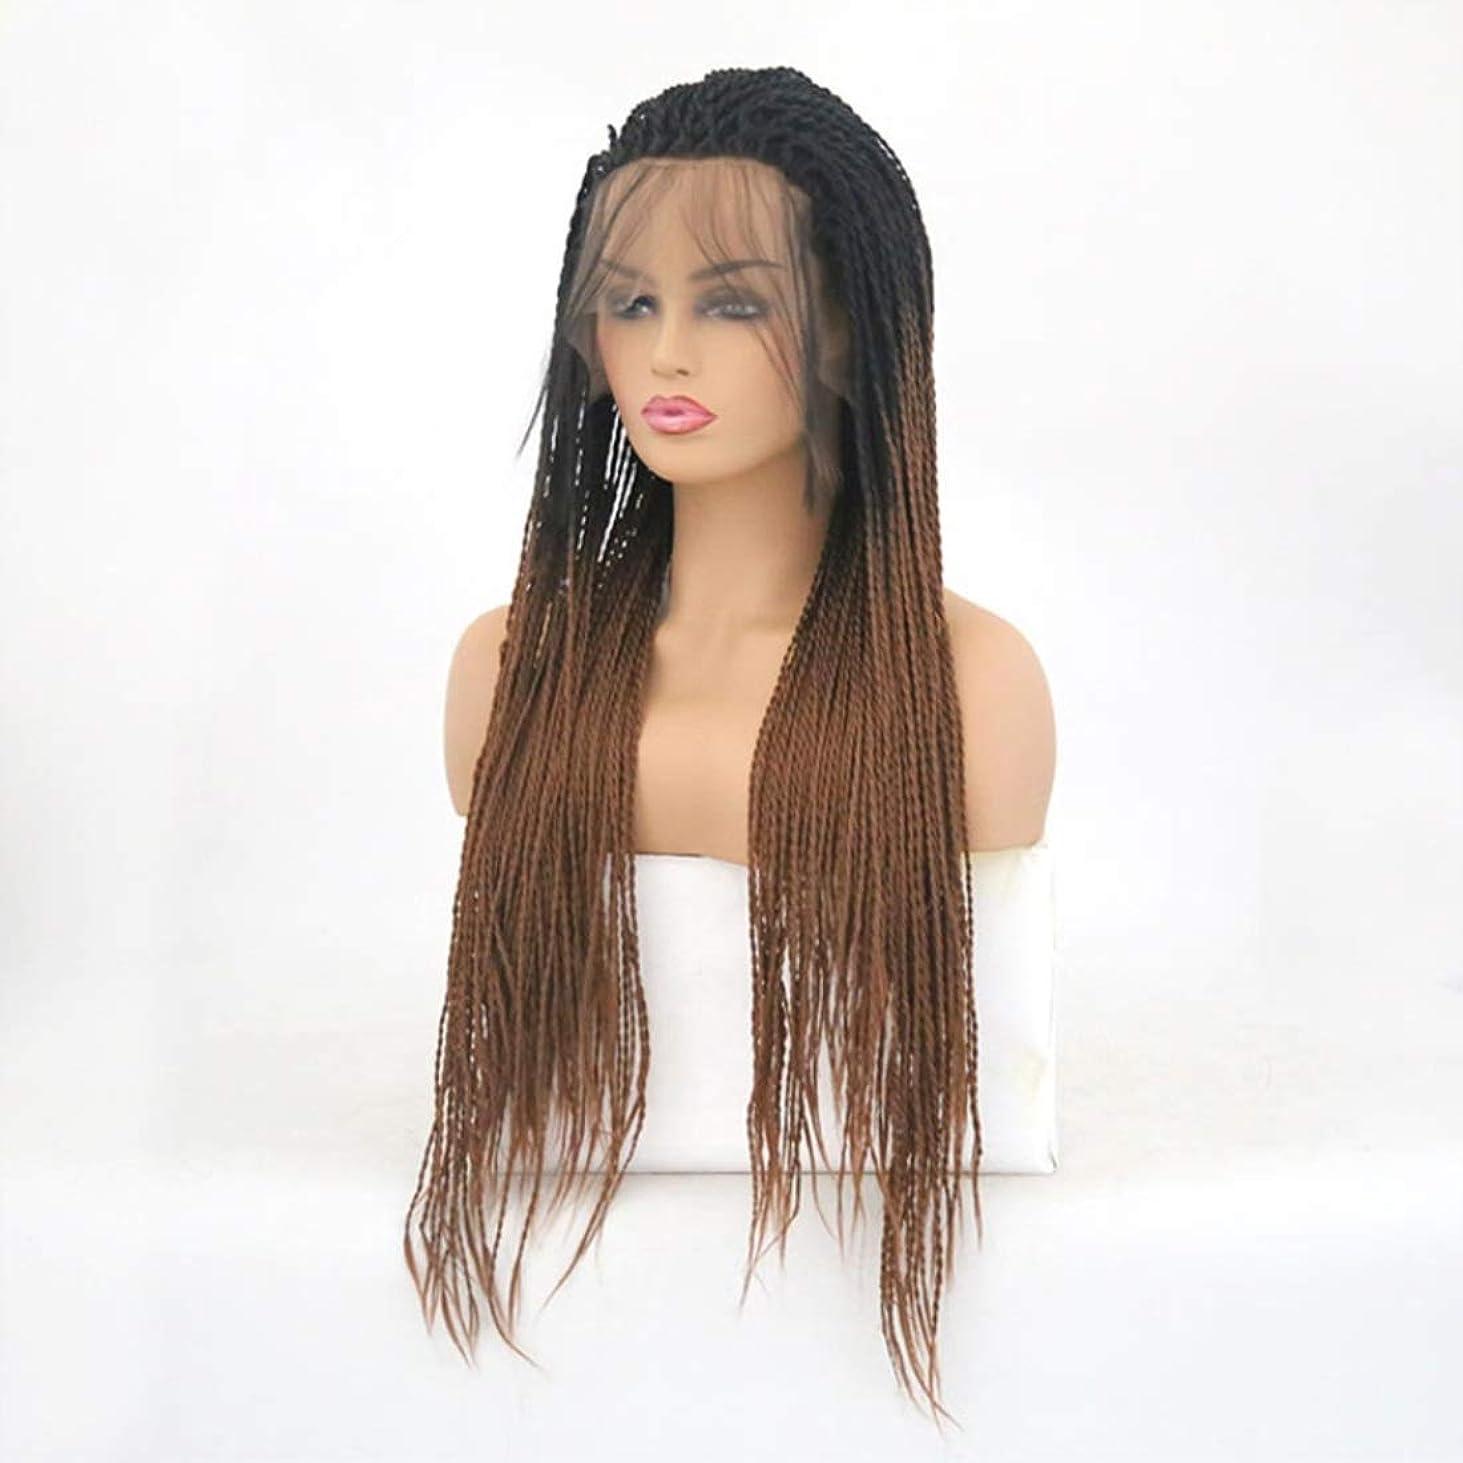 解決リブさせるSummerys ツイストブレイドかぎ針編みブレイドヘアエクステンション事前ループ女性用高温繊維